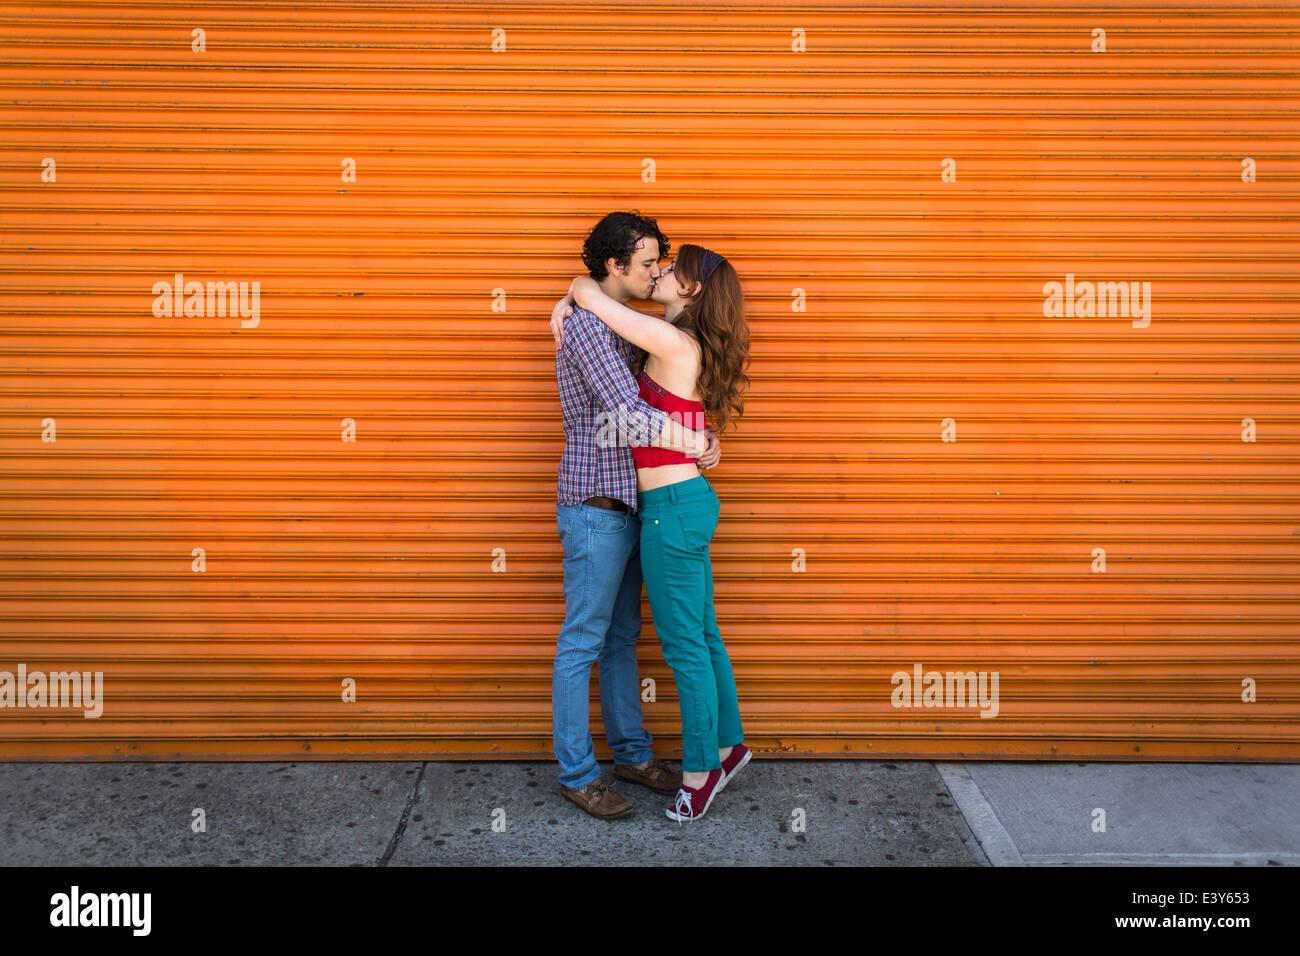 Pareja romántica besarse delante del obturador naranja Imagen De Stock